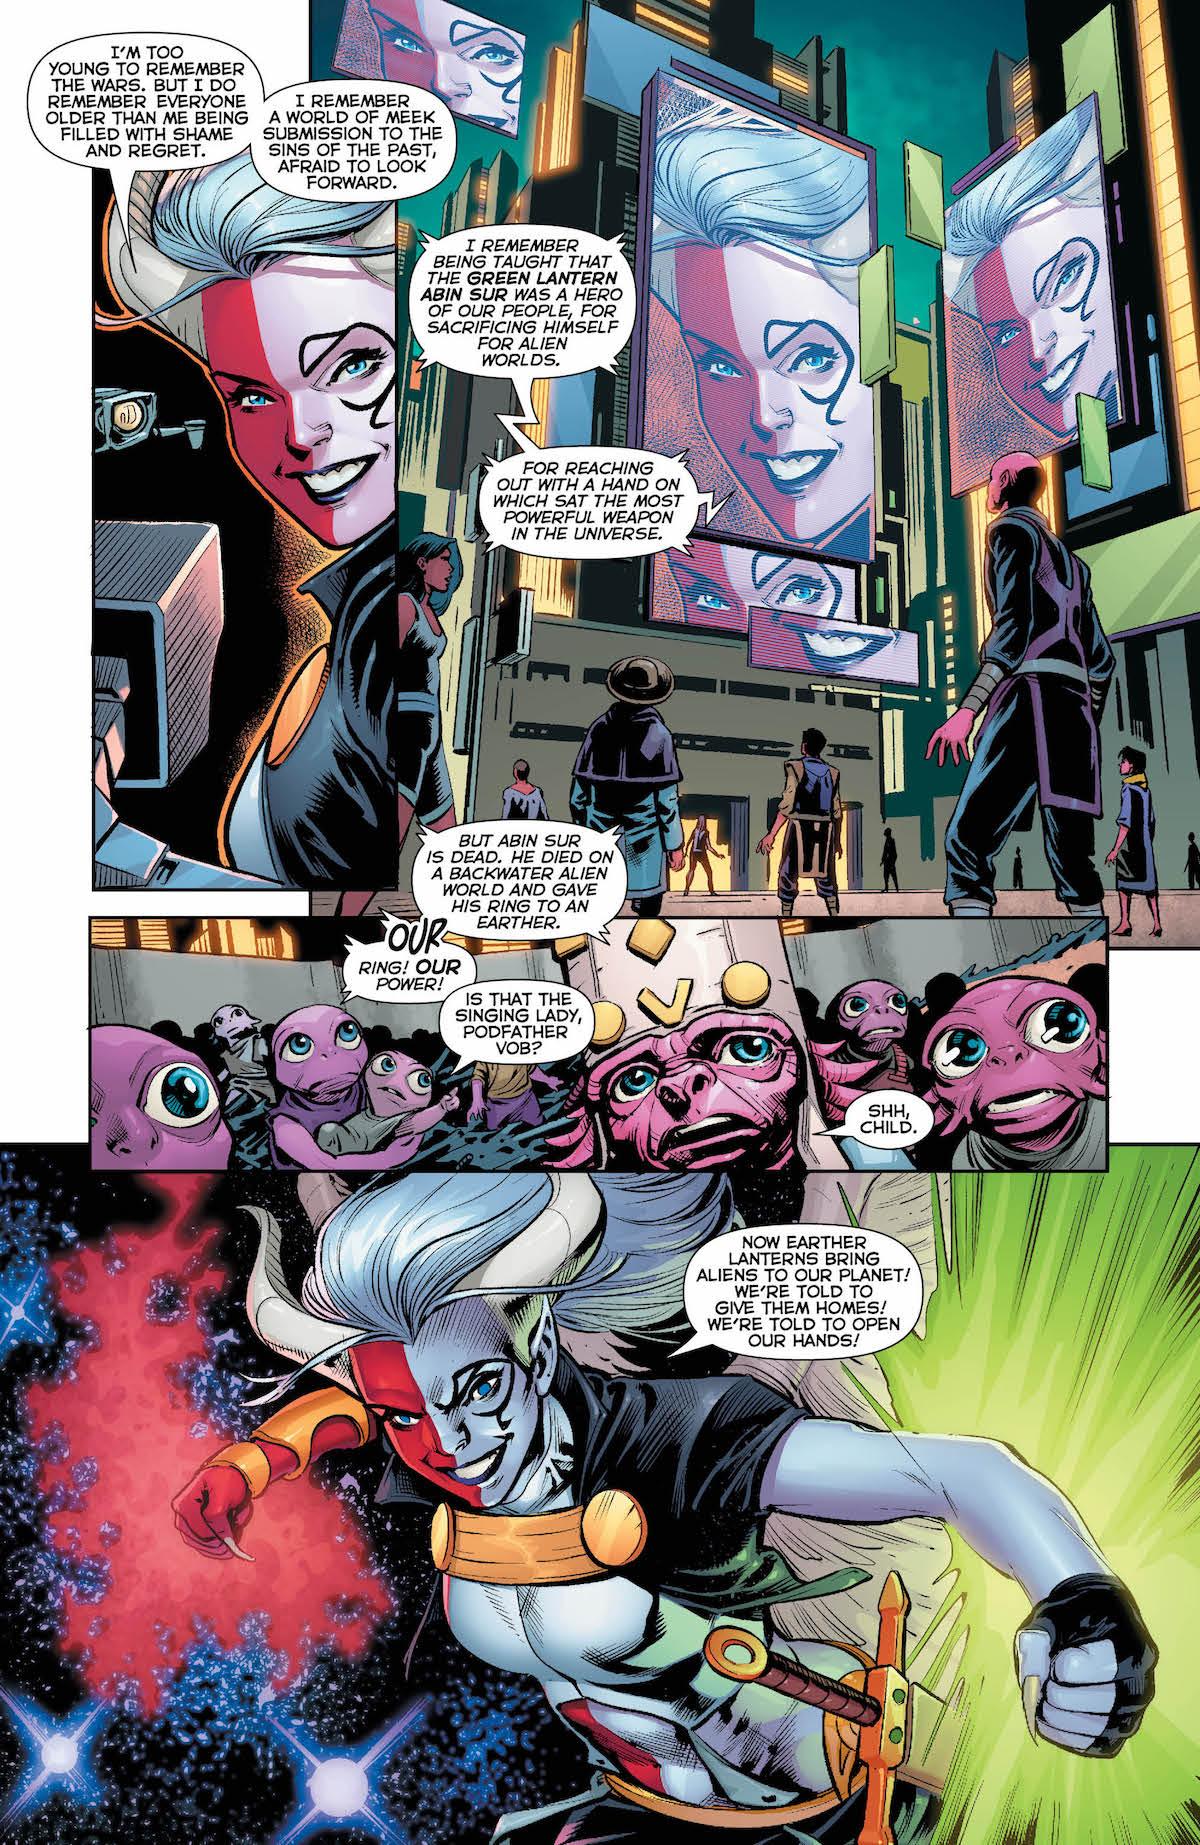 Green Lanterns #39 page 3